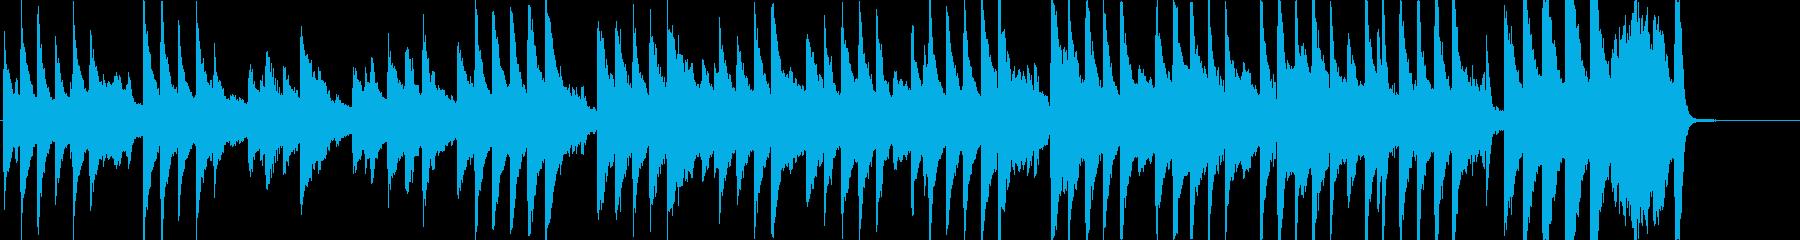 ハッピーバースデートゥーユー_ピアノ伴奏の再生済みの波形